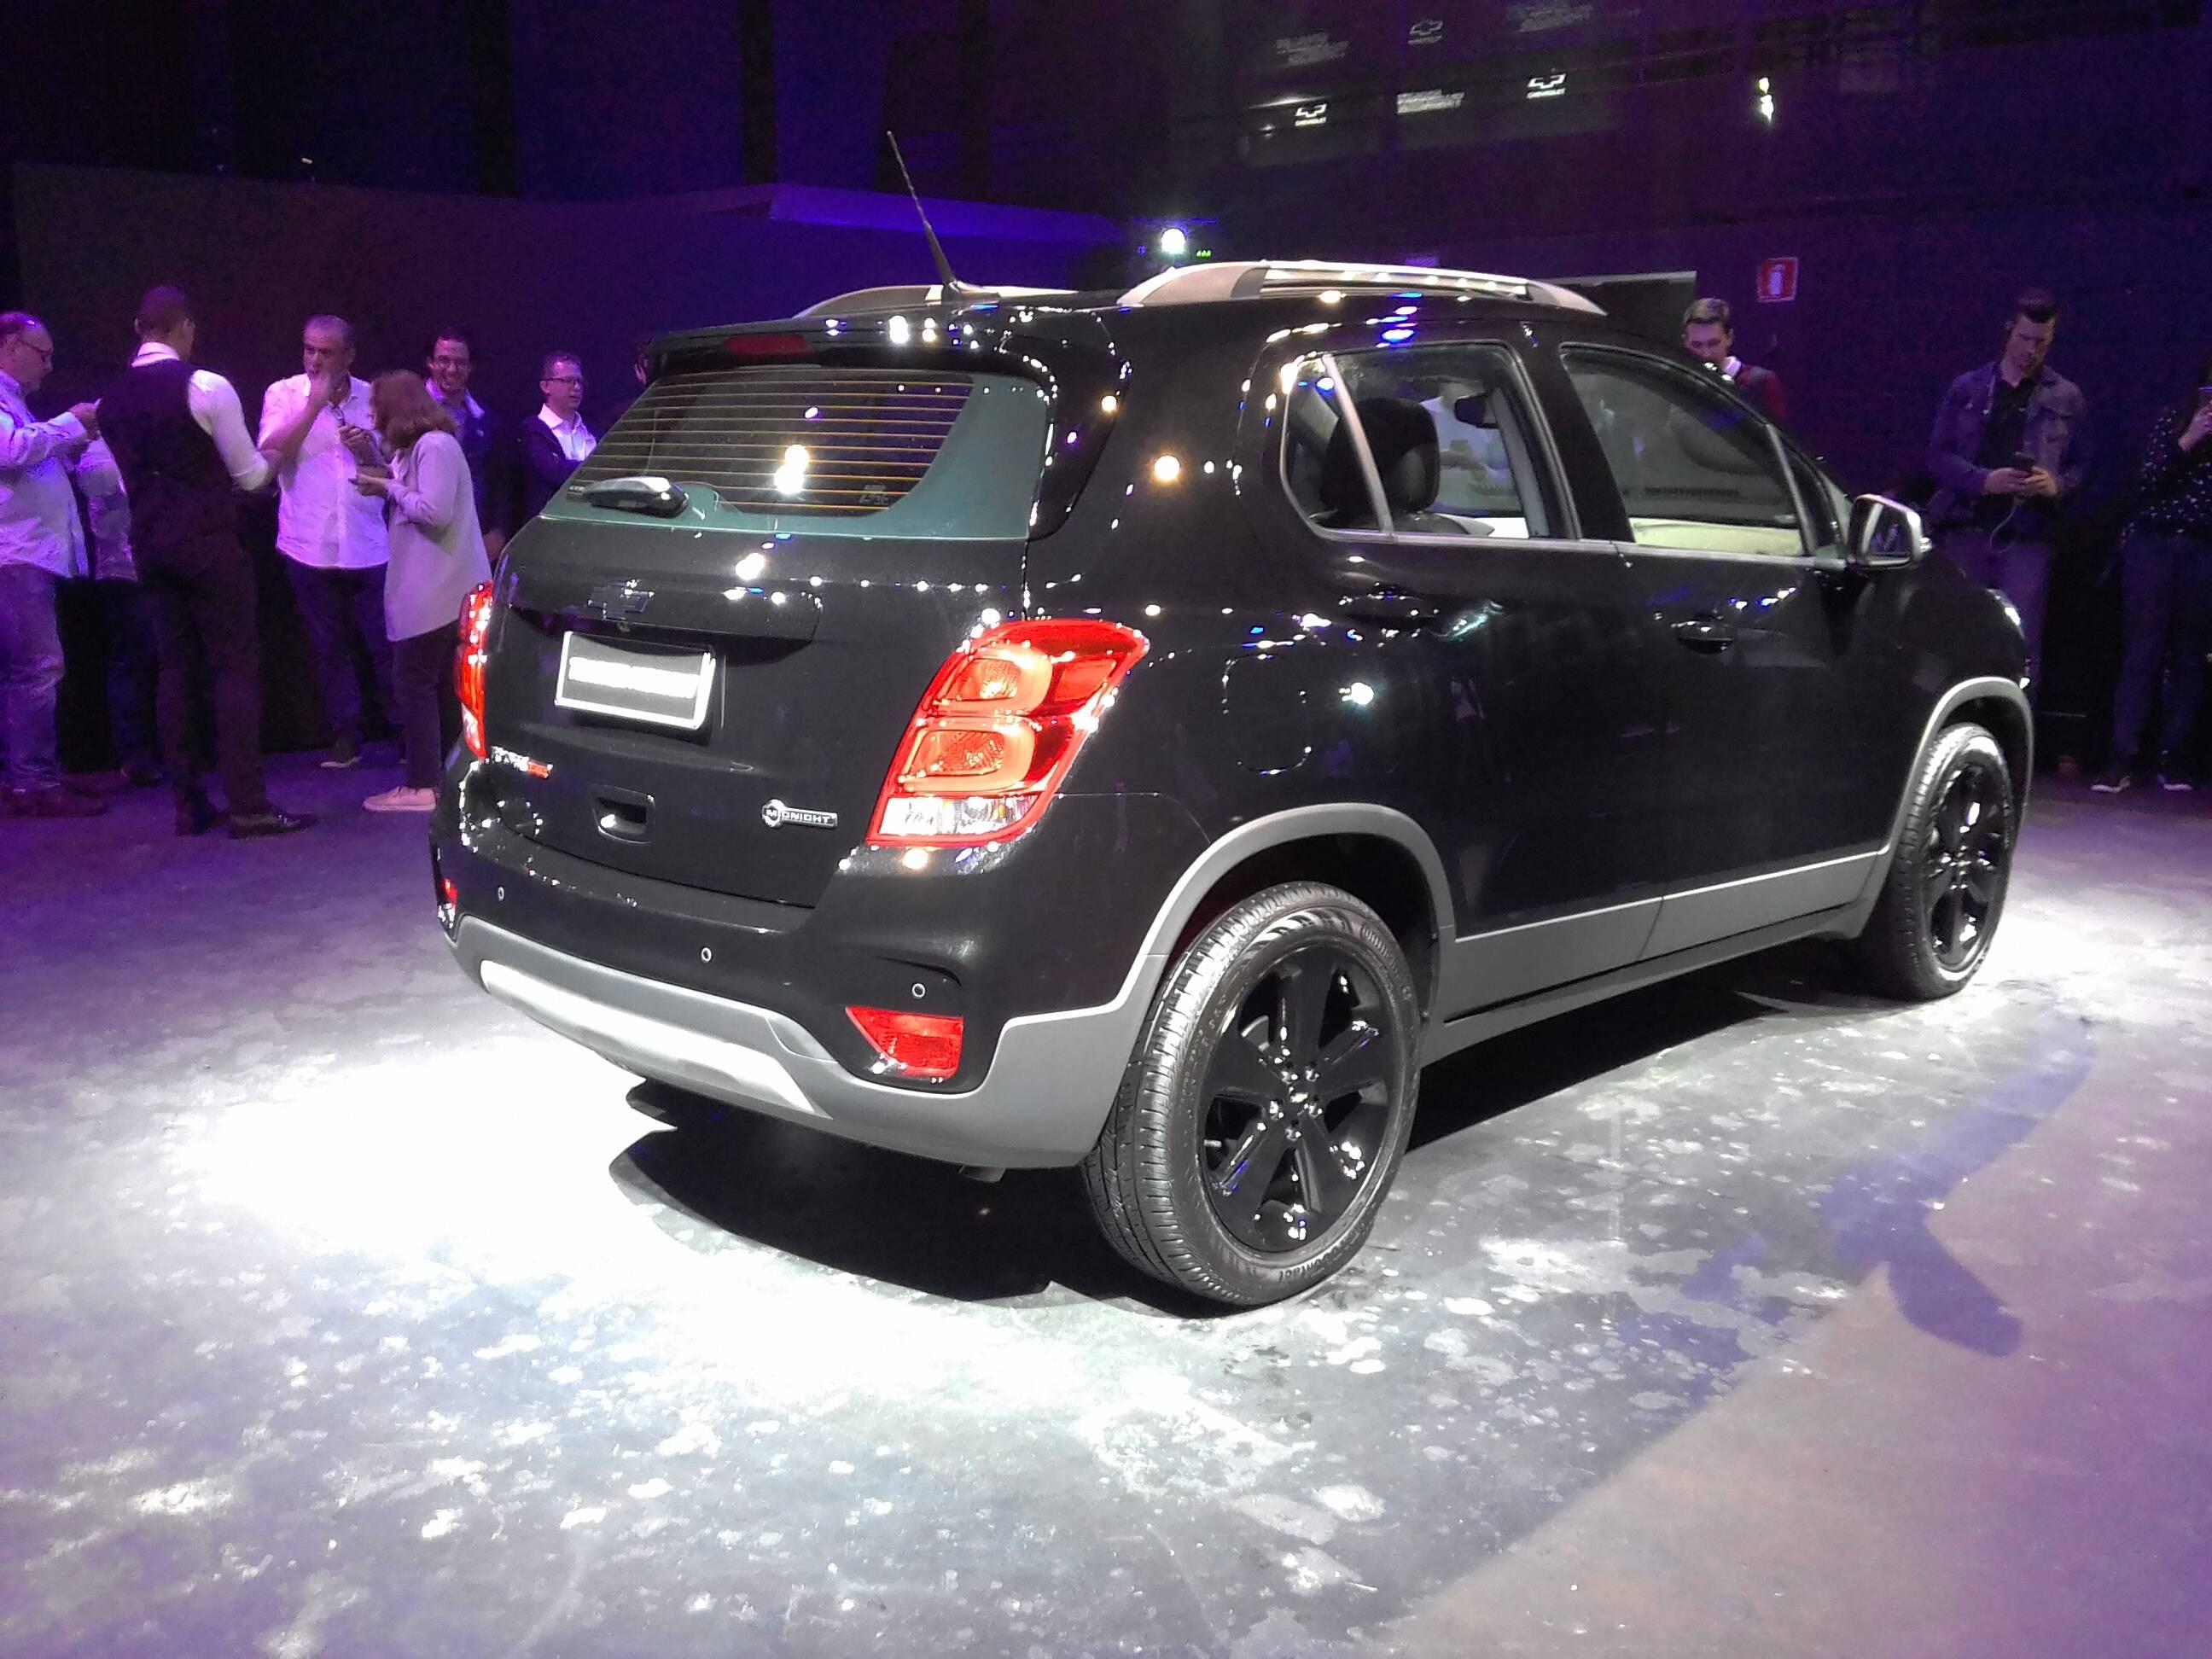 Chevrolet Tracker Midnight. Foto: Divulgação